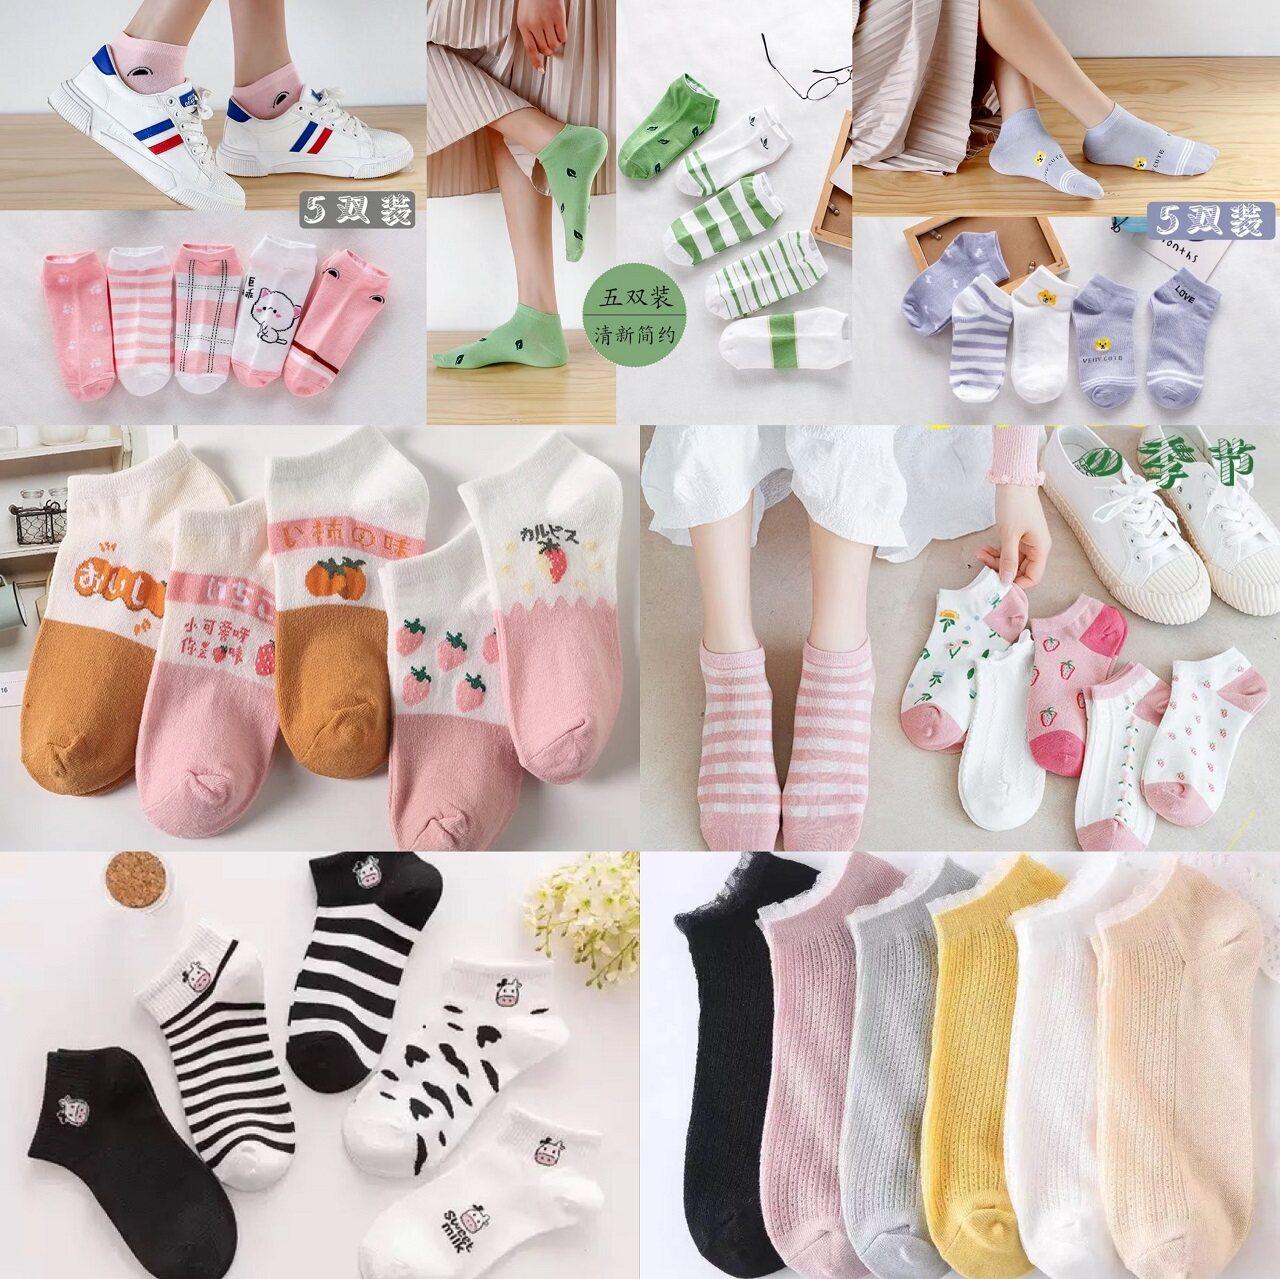 ถุงเท้า ข้อสั้น ถุงเท้าเกาหลี มี8แบบให้เลือก (1 แพคมี 5ลาย) ใส่ได้ทั้ง ช/ญ??.